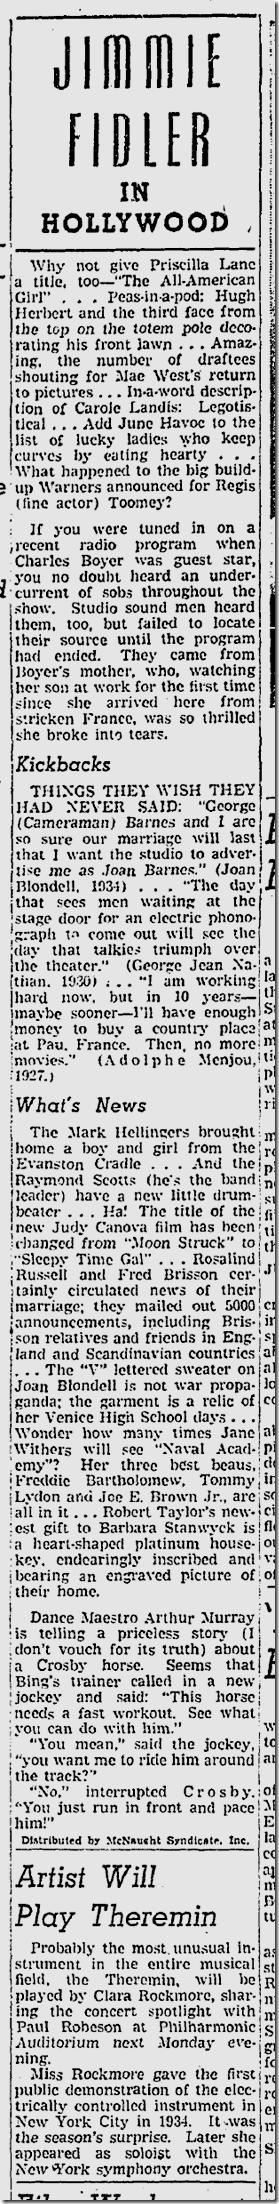 Dec. 5, 1941, Jimmie Fidler